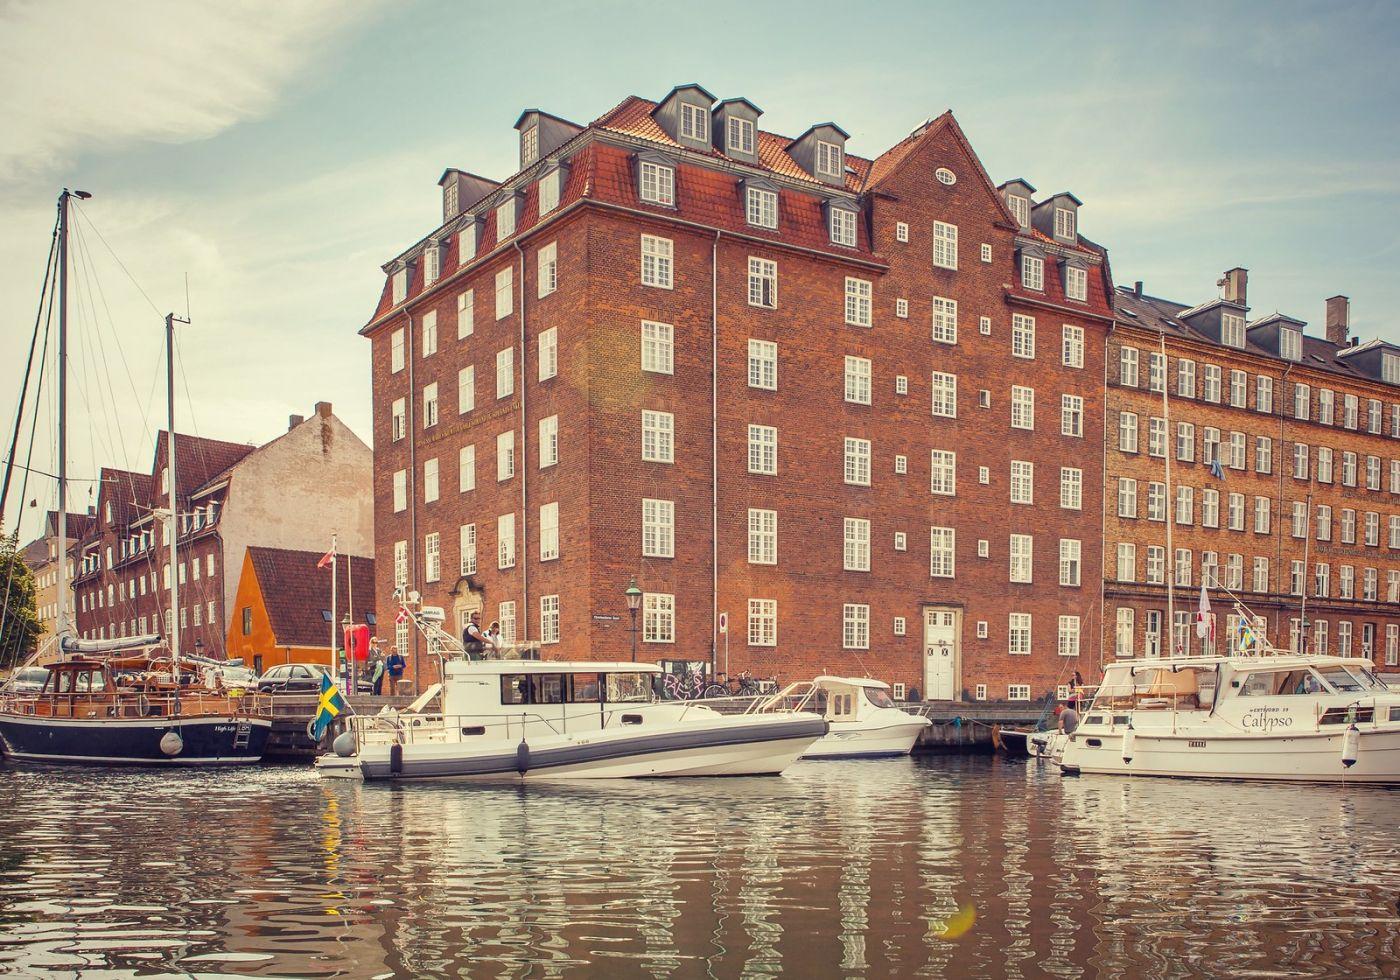 丹麦哥本哈根,新旧融合的城市_图1-40